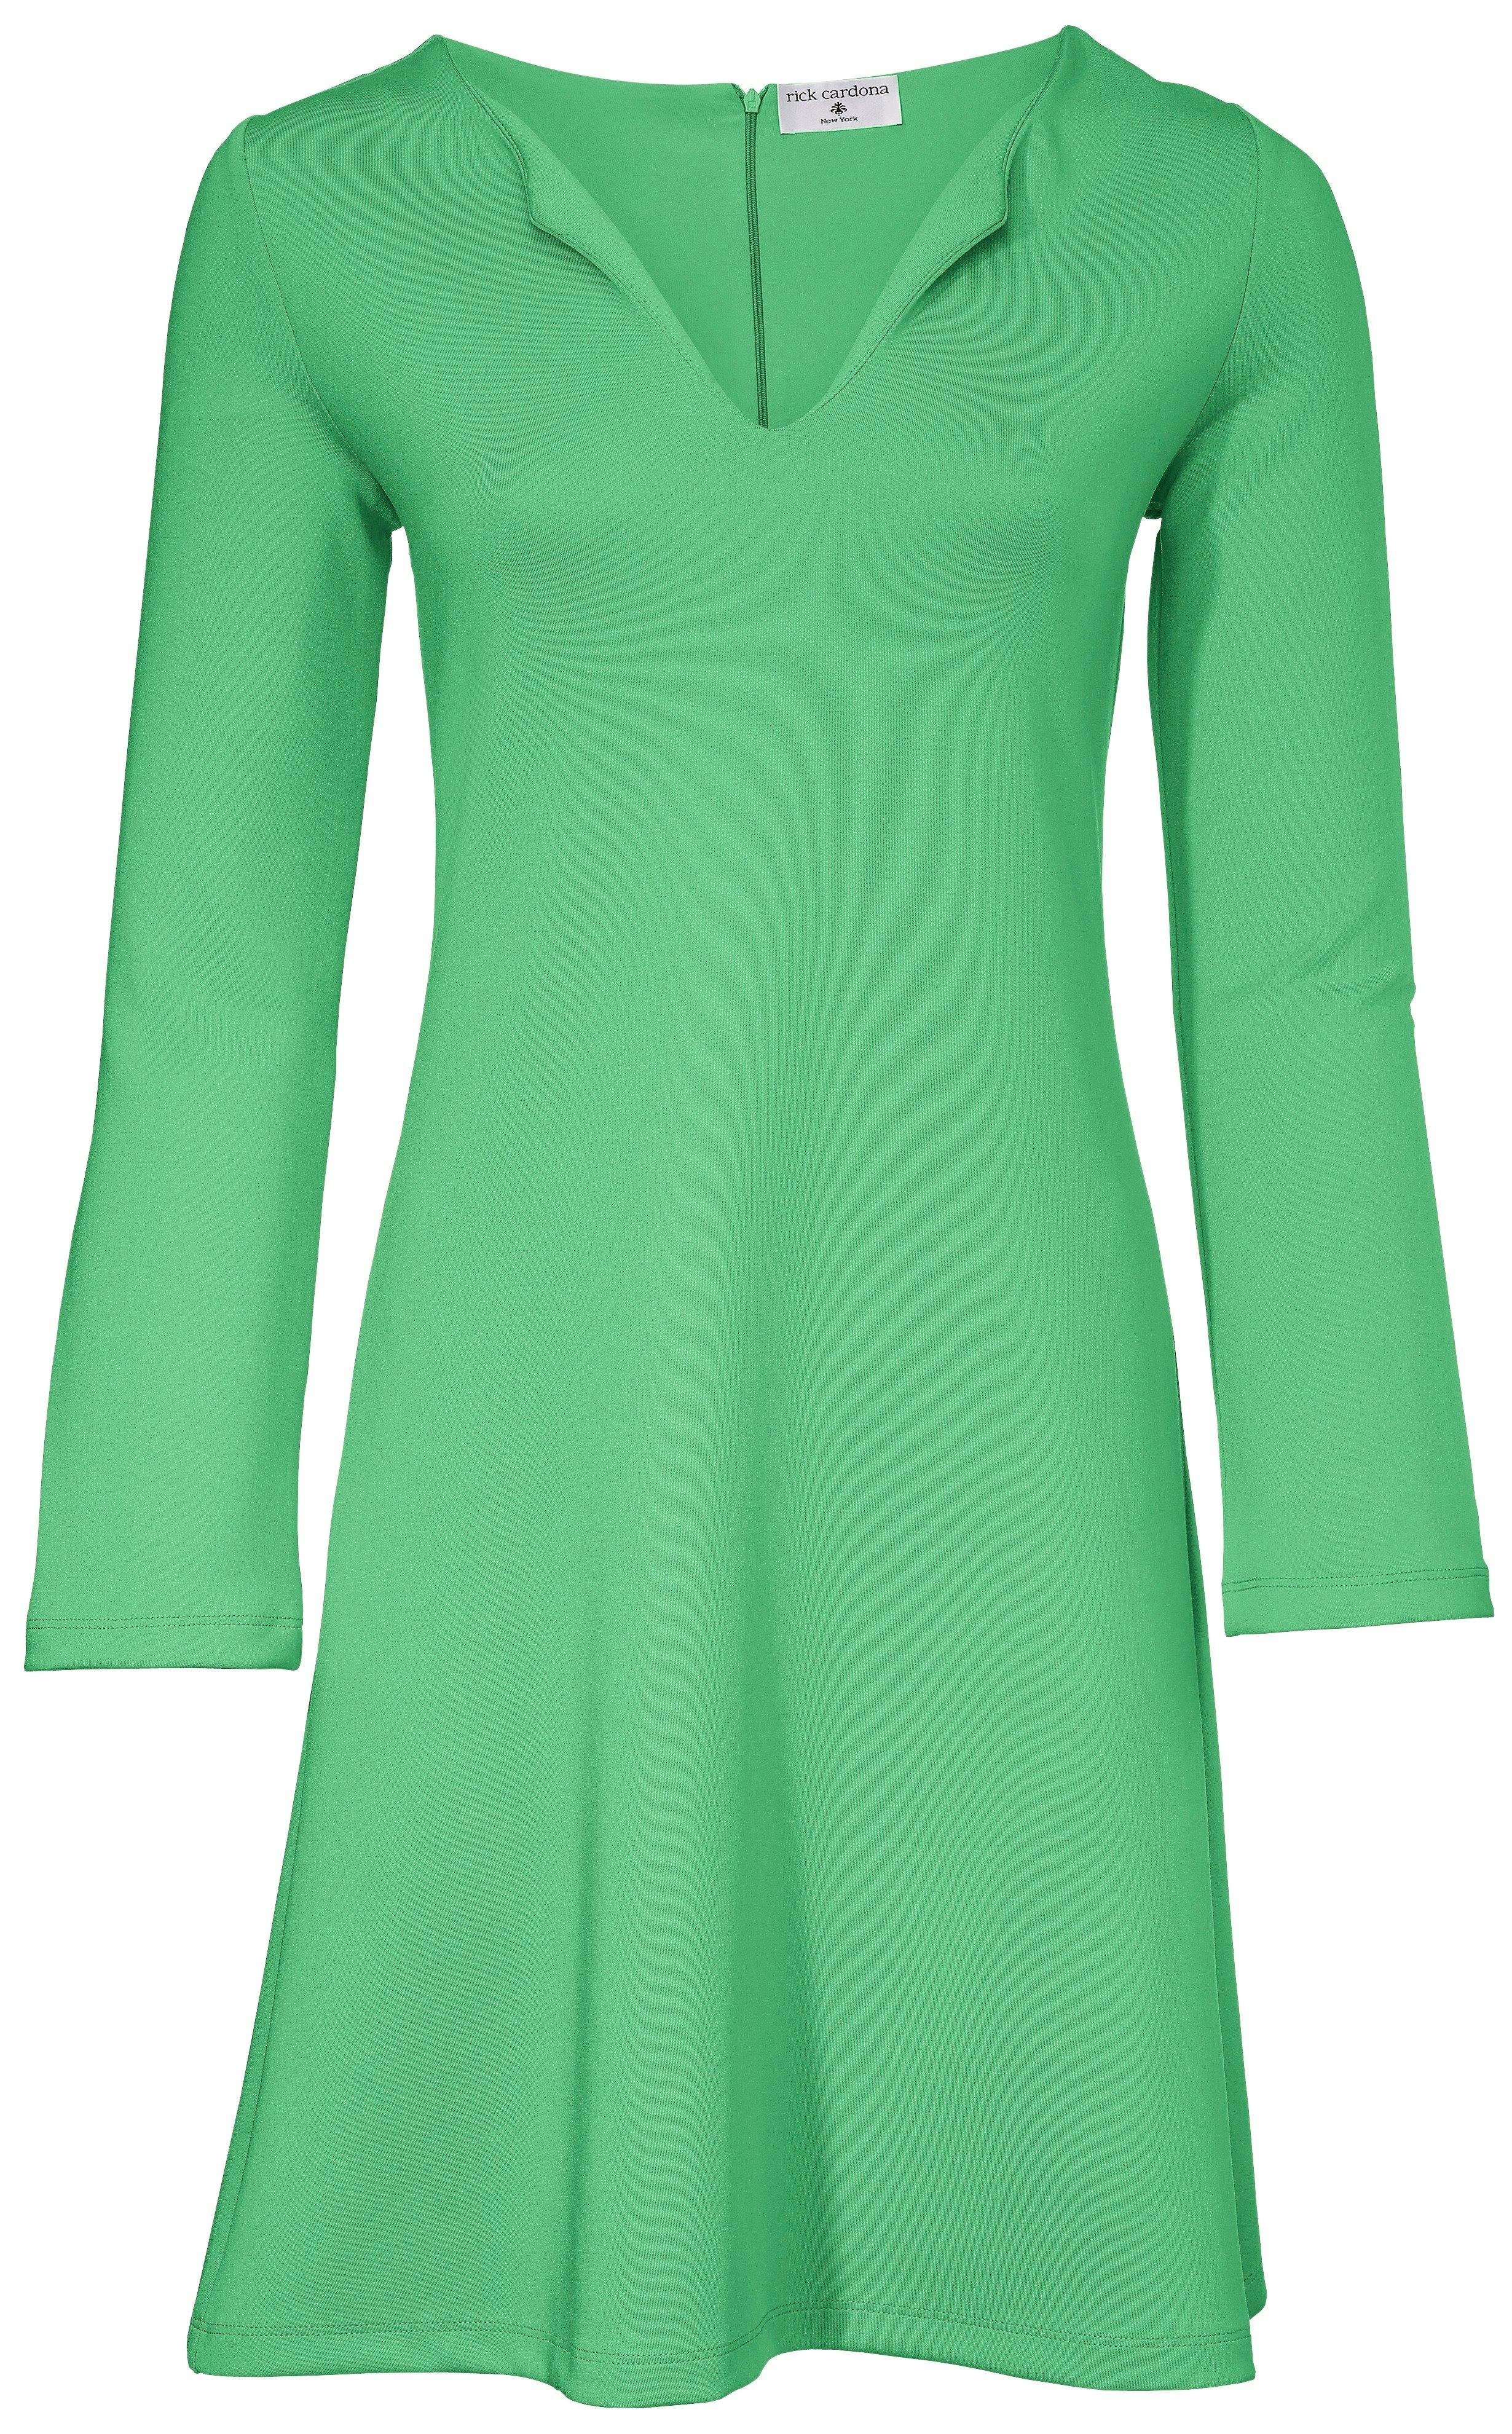 groene jurk dames